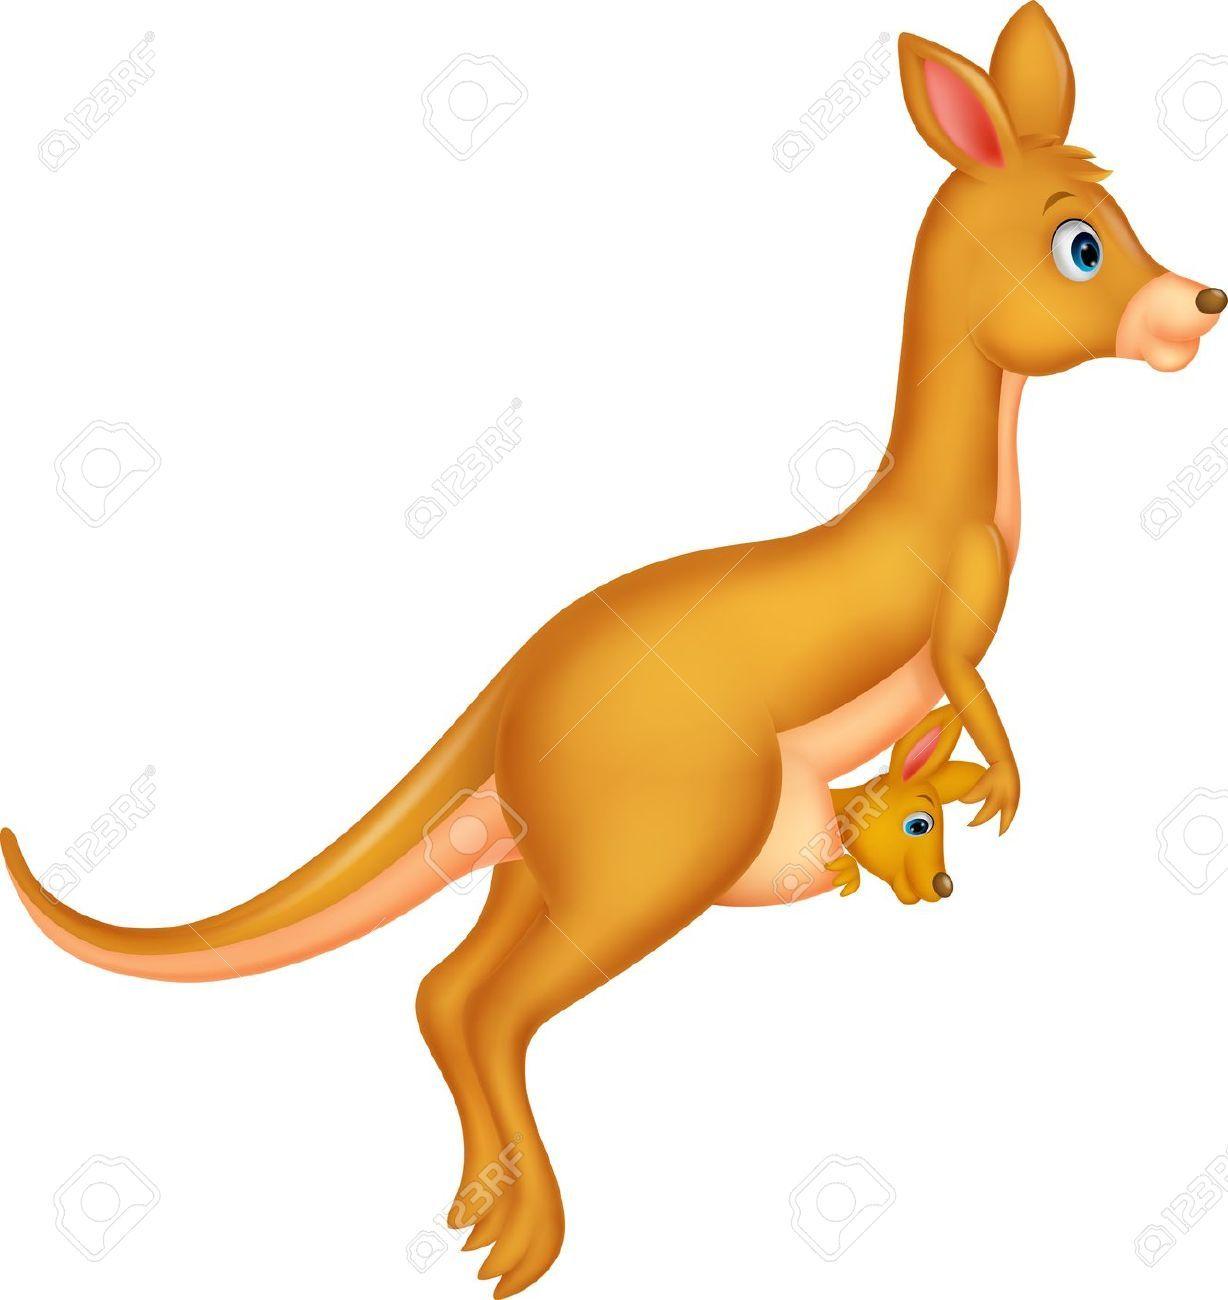 Kangaroo jumping clipart image transparent stock Jumping kangaroo clipart 1 » Clipart Portal image transparent stock